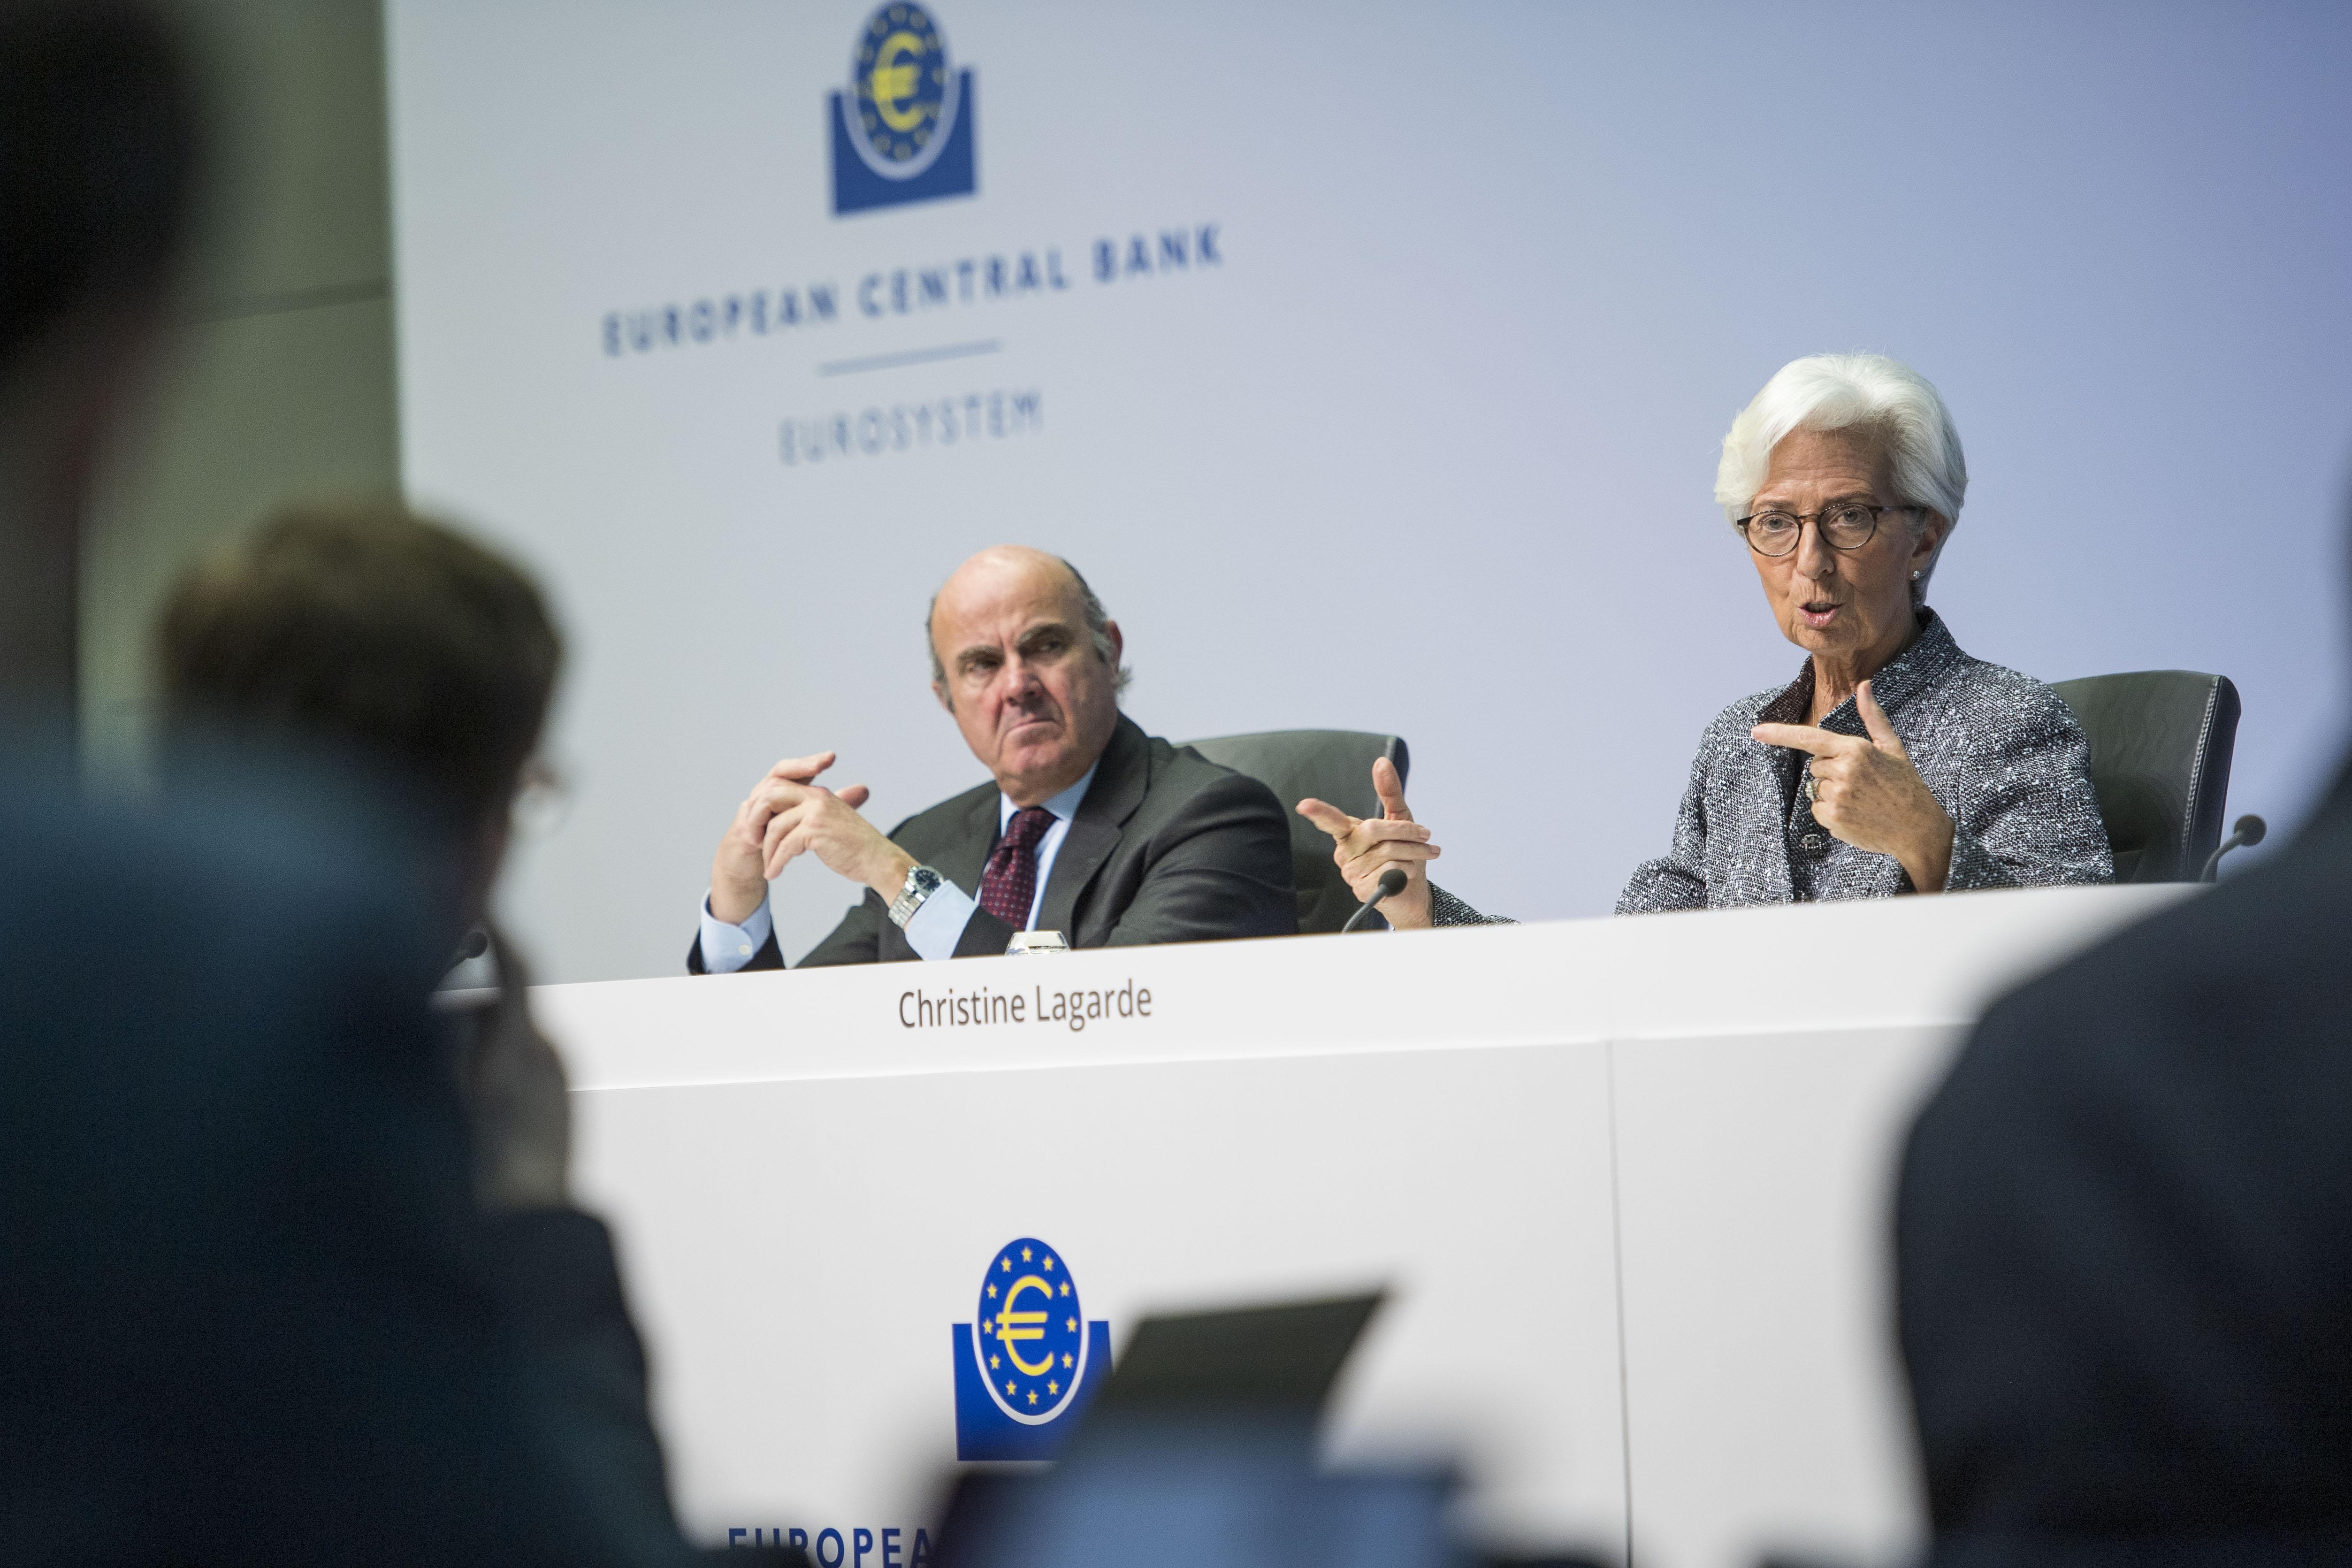 Christine Lagarde, présidente de la BCE, et Luis de Guindos, son viceprésident, lors d'une conférence de presse à Francfort, 12 mars 2020 : « Le choc économique sera majeur. » © Thomas Lohnes/Getty Images